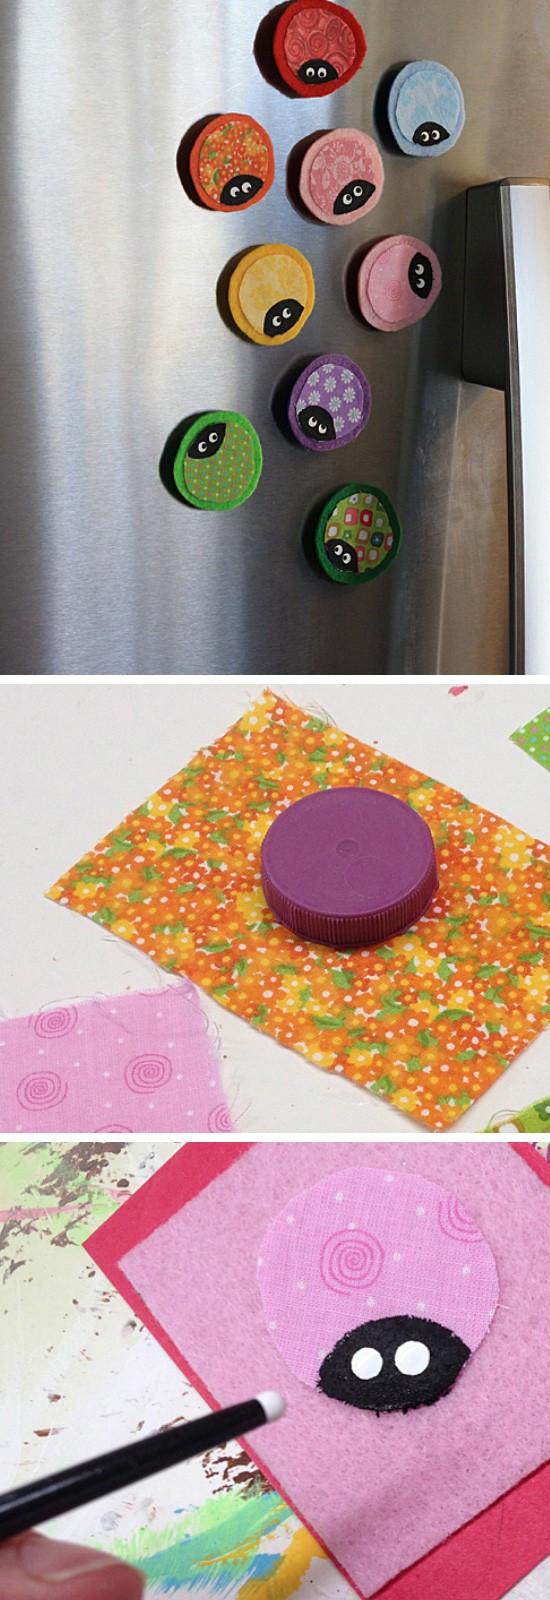 Craft For Kids  30 Creative DIY Spring Crafts for Kids